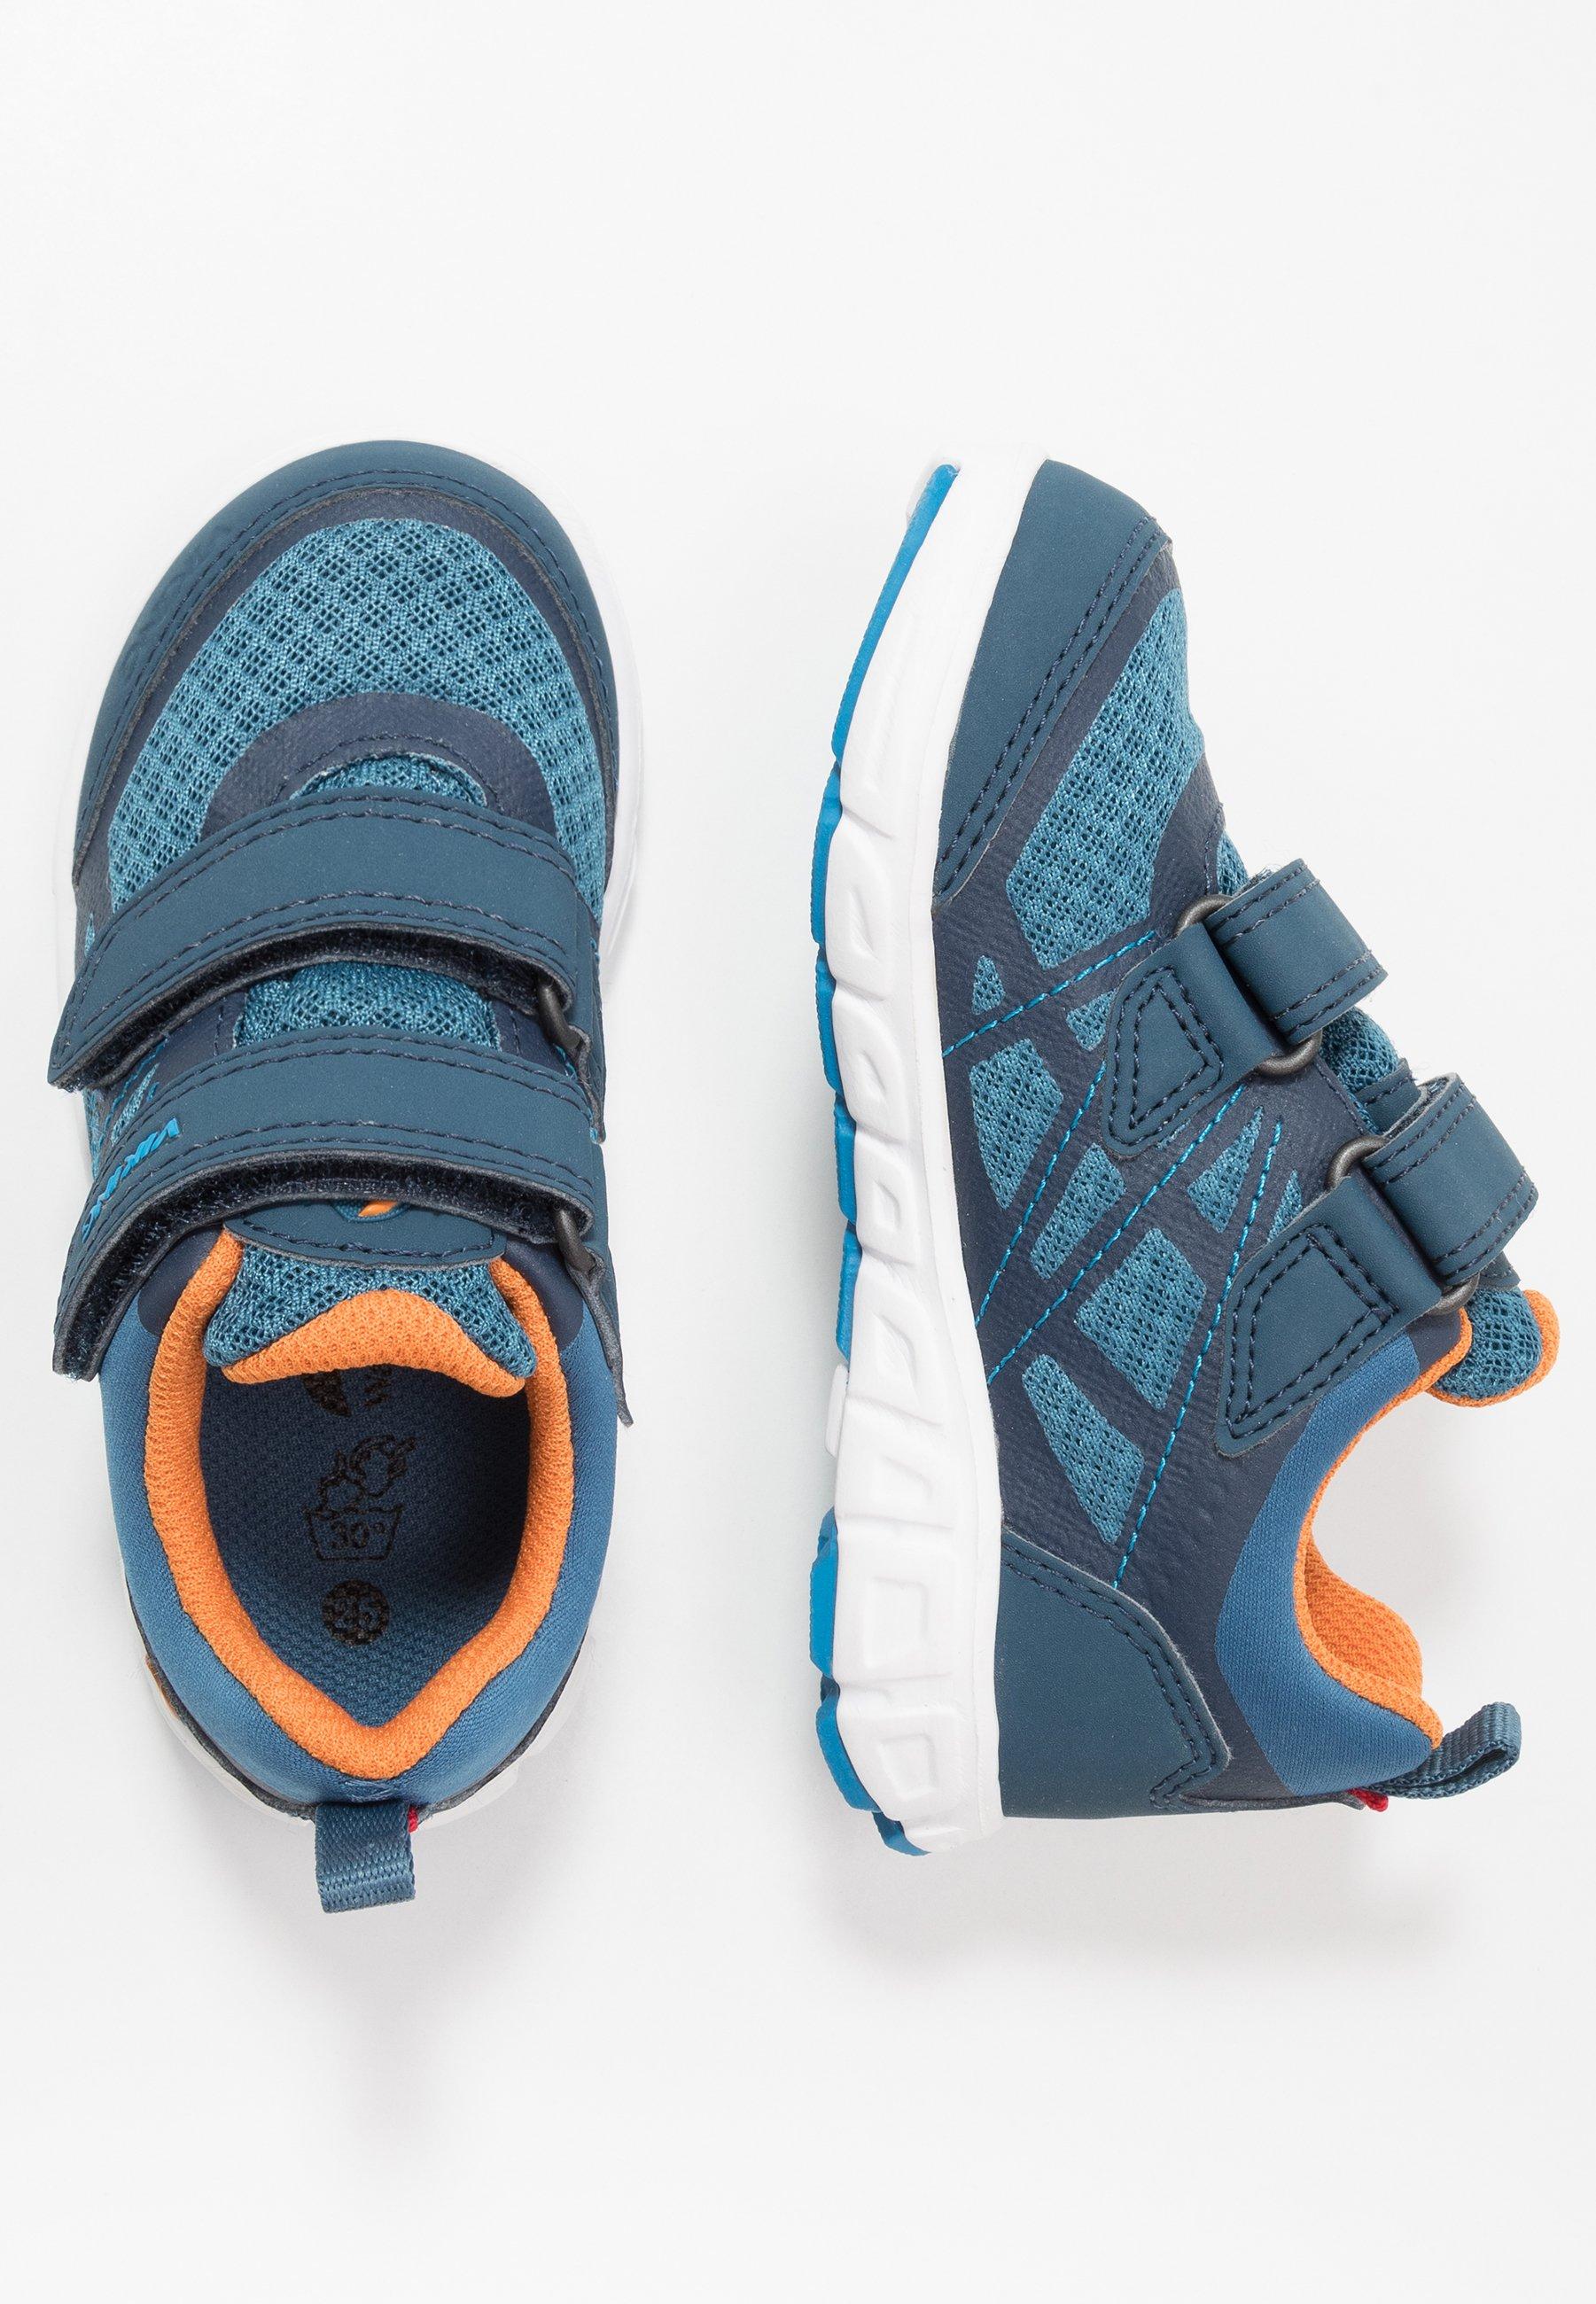 Enfant VEME VEL GTX - Chaussures de marche